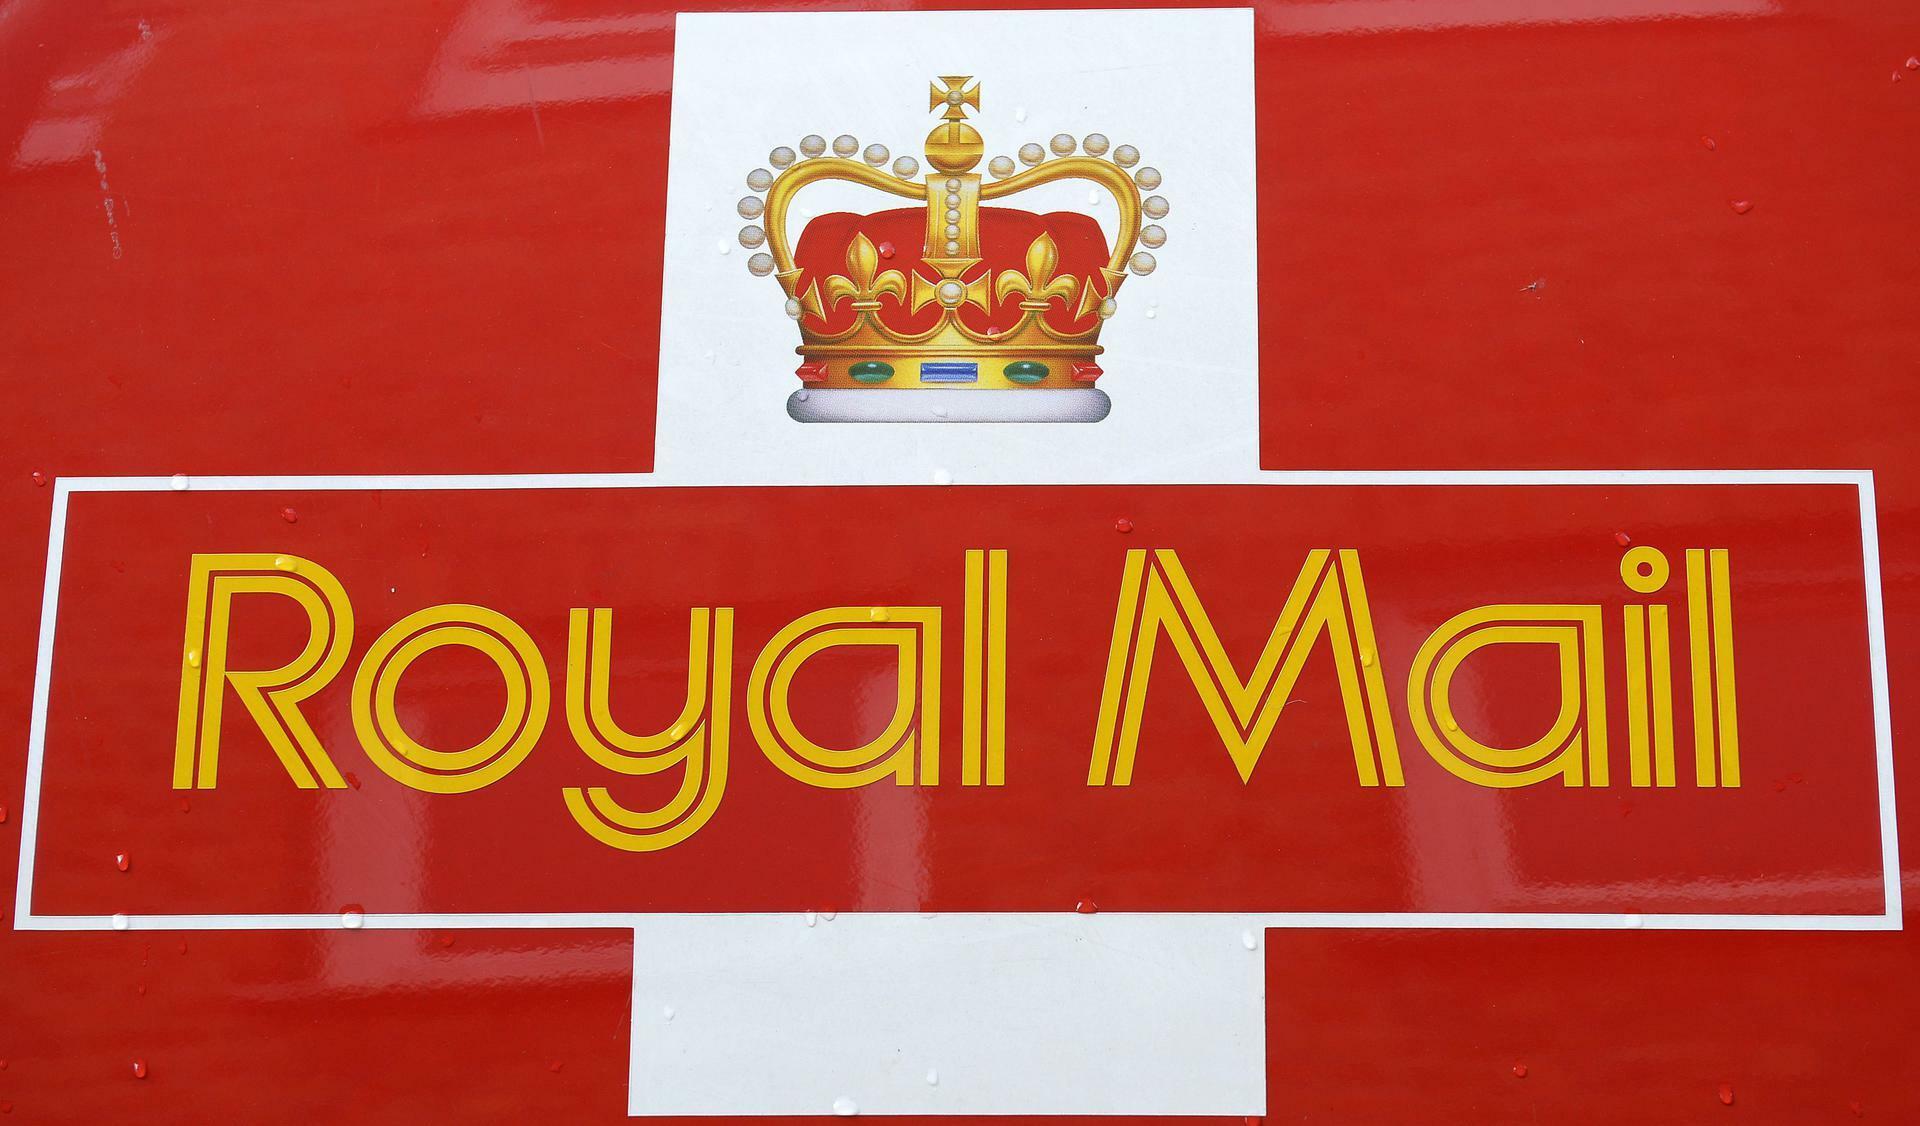 royal mail aktie